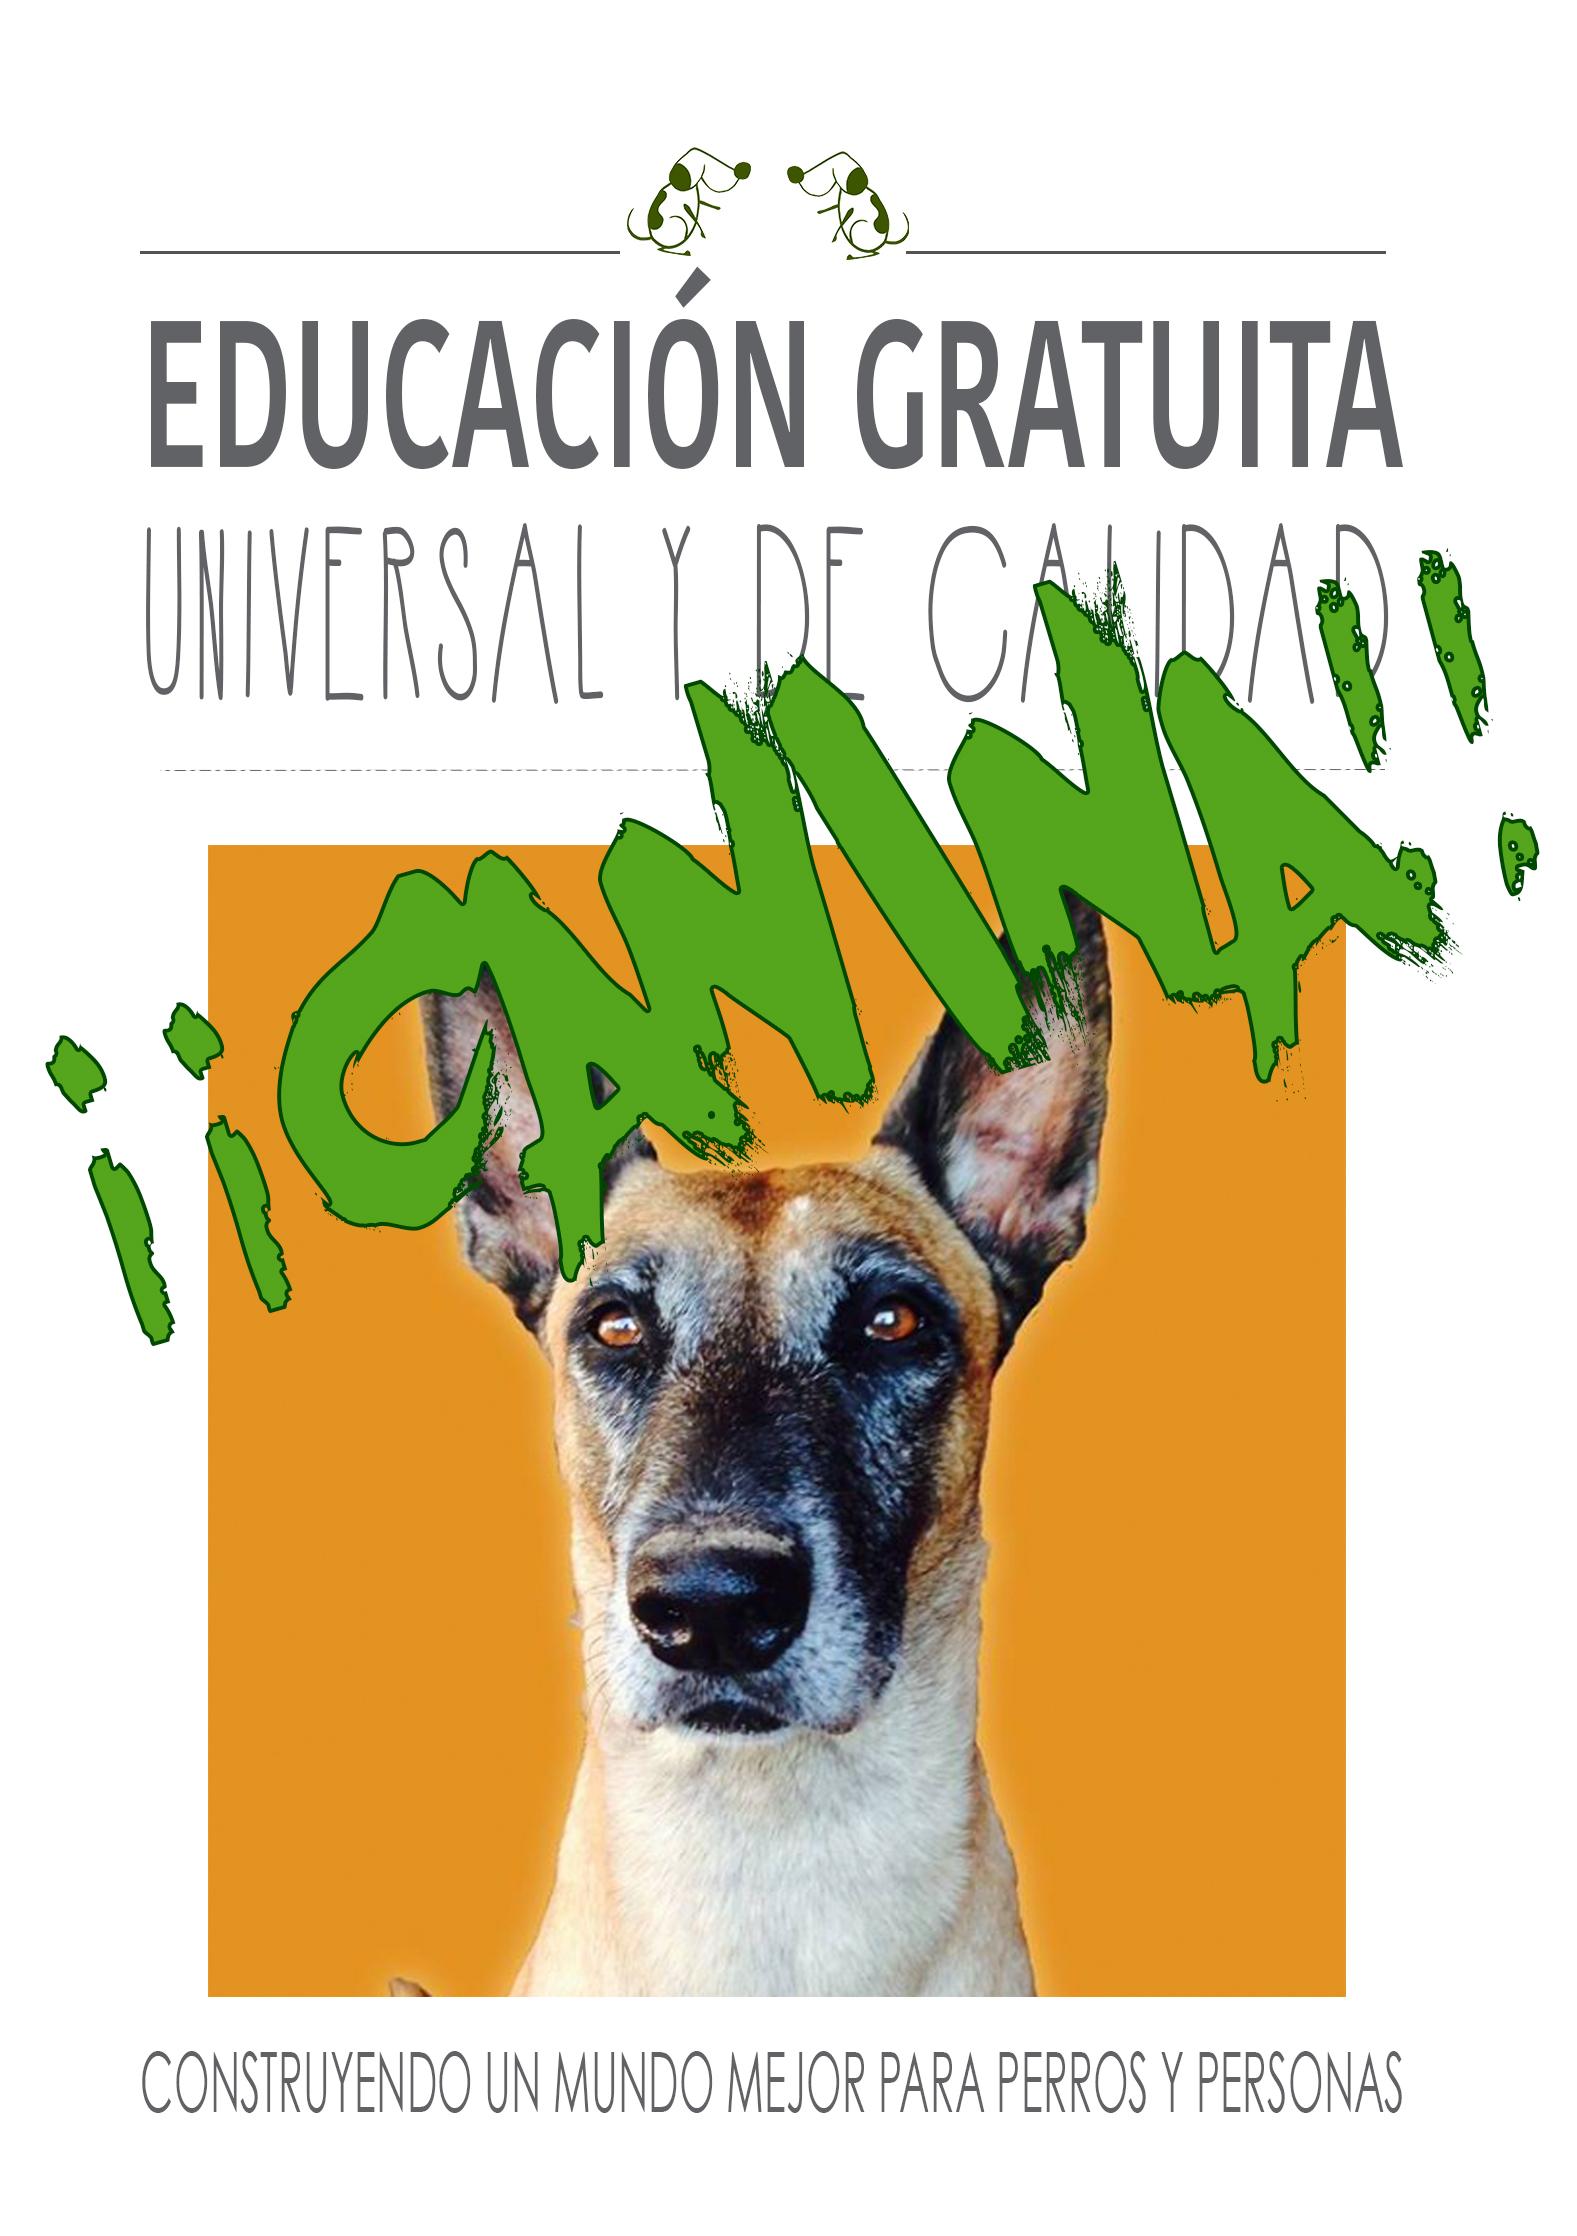 Educación ¡CANINA! gratuita y universal